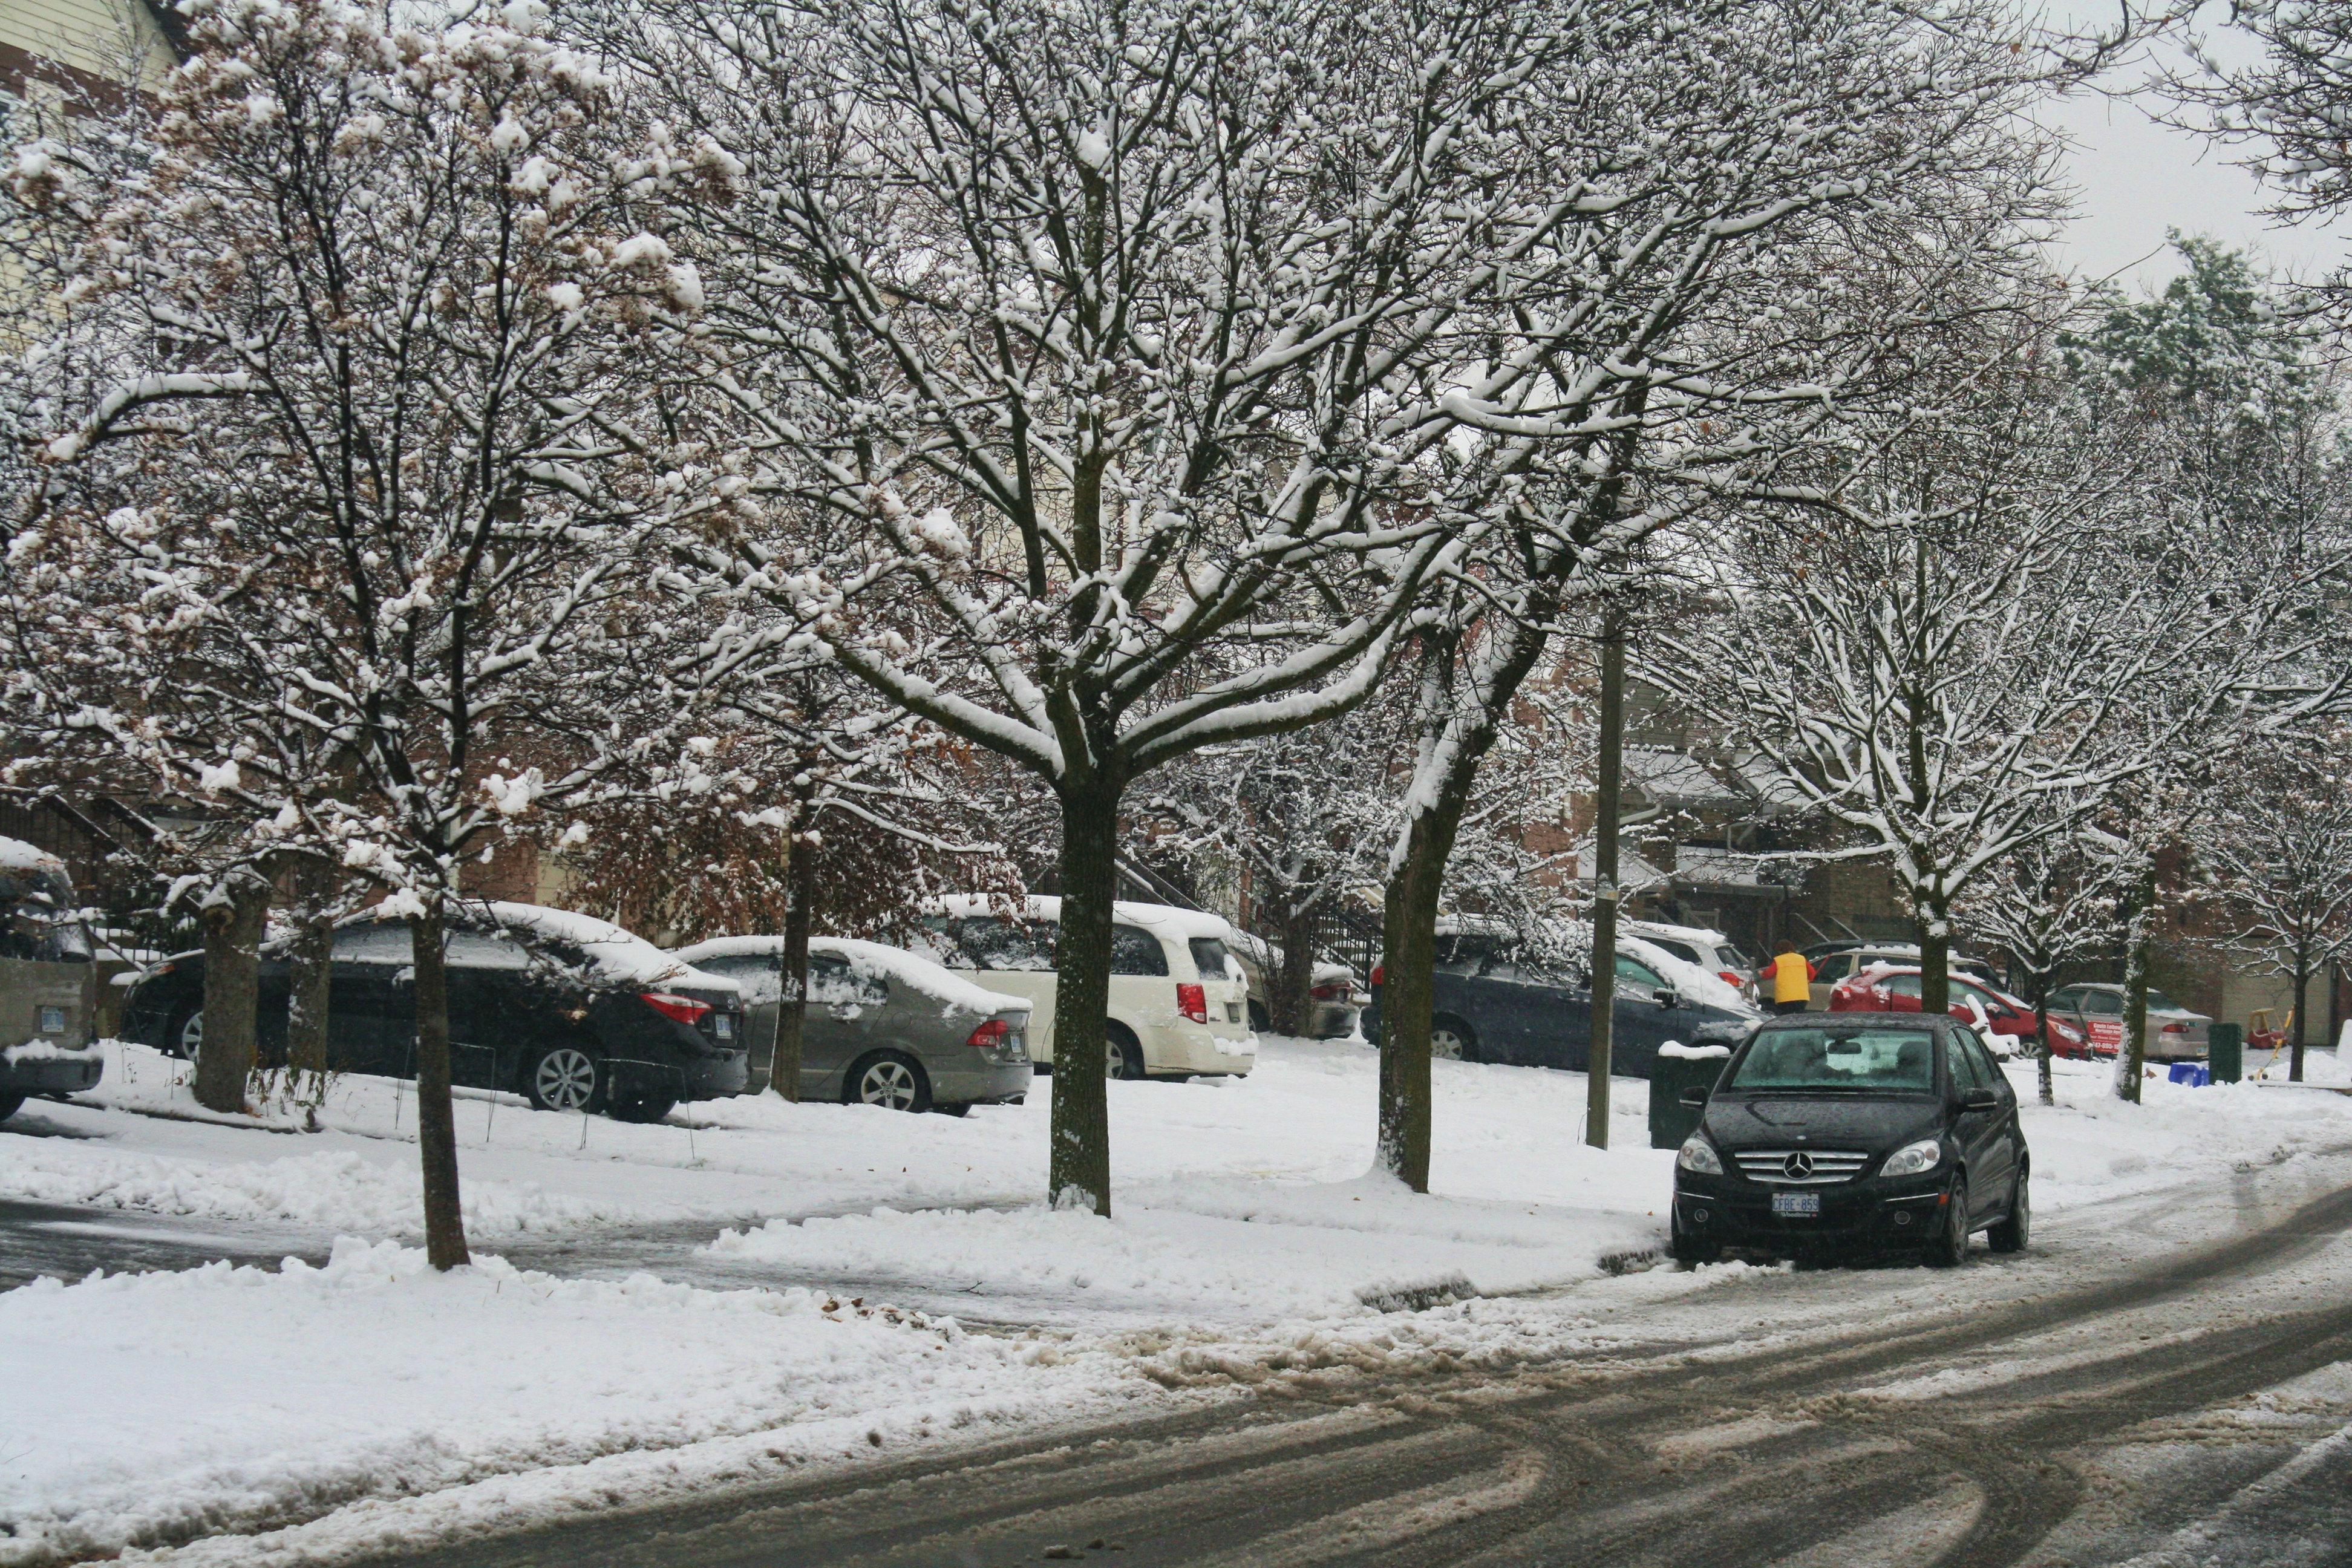 Wettervorhersage: In diesen Regionen kommt es zu viel Schnee, Frost und